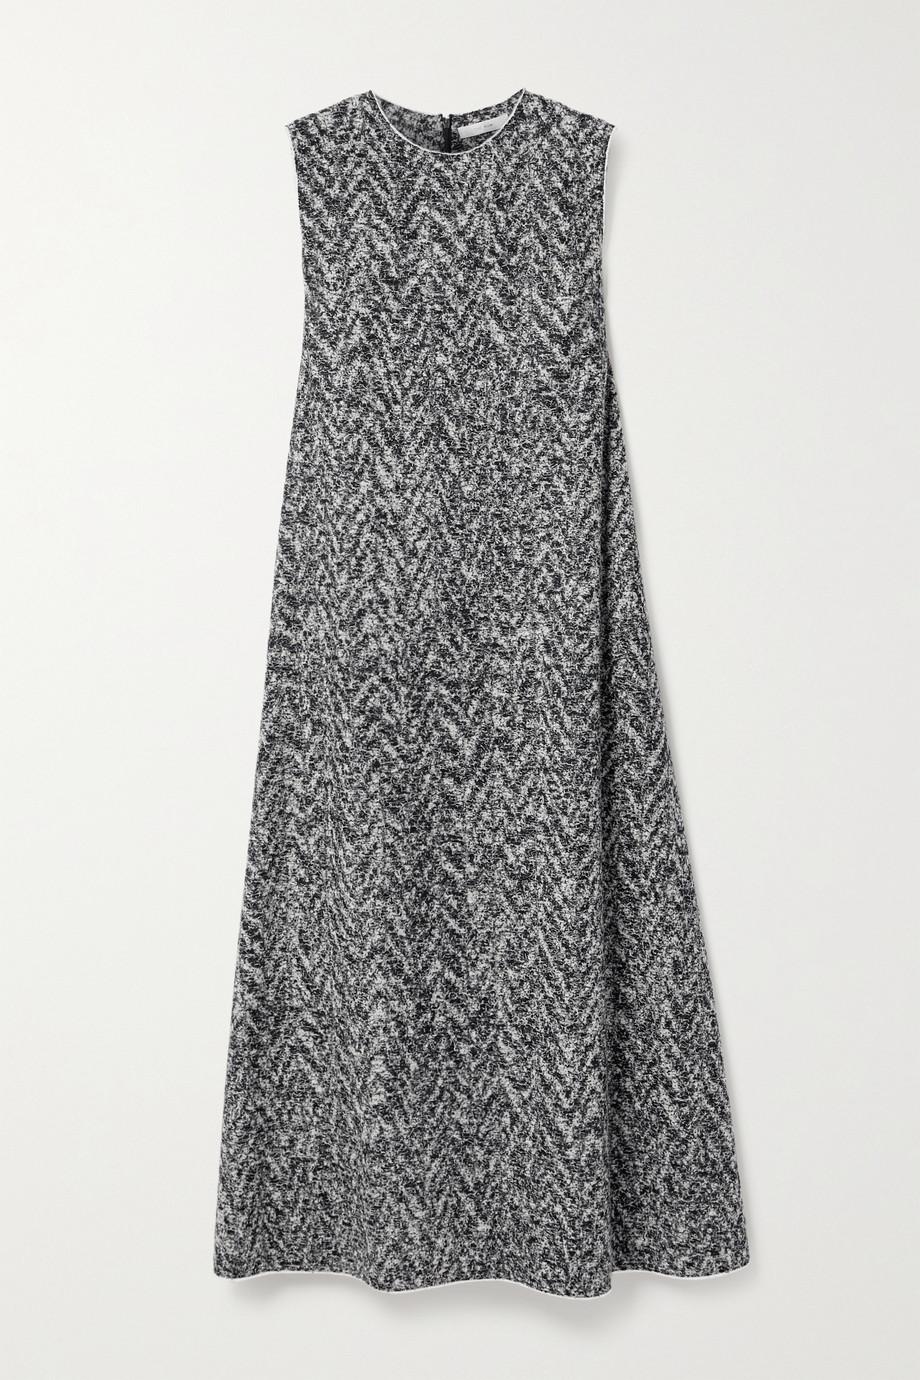 The Row Adda Midikleid aus Bouclé aus einer Wollmischung